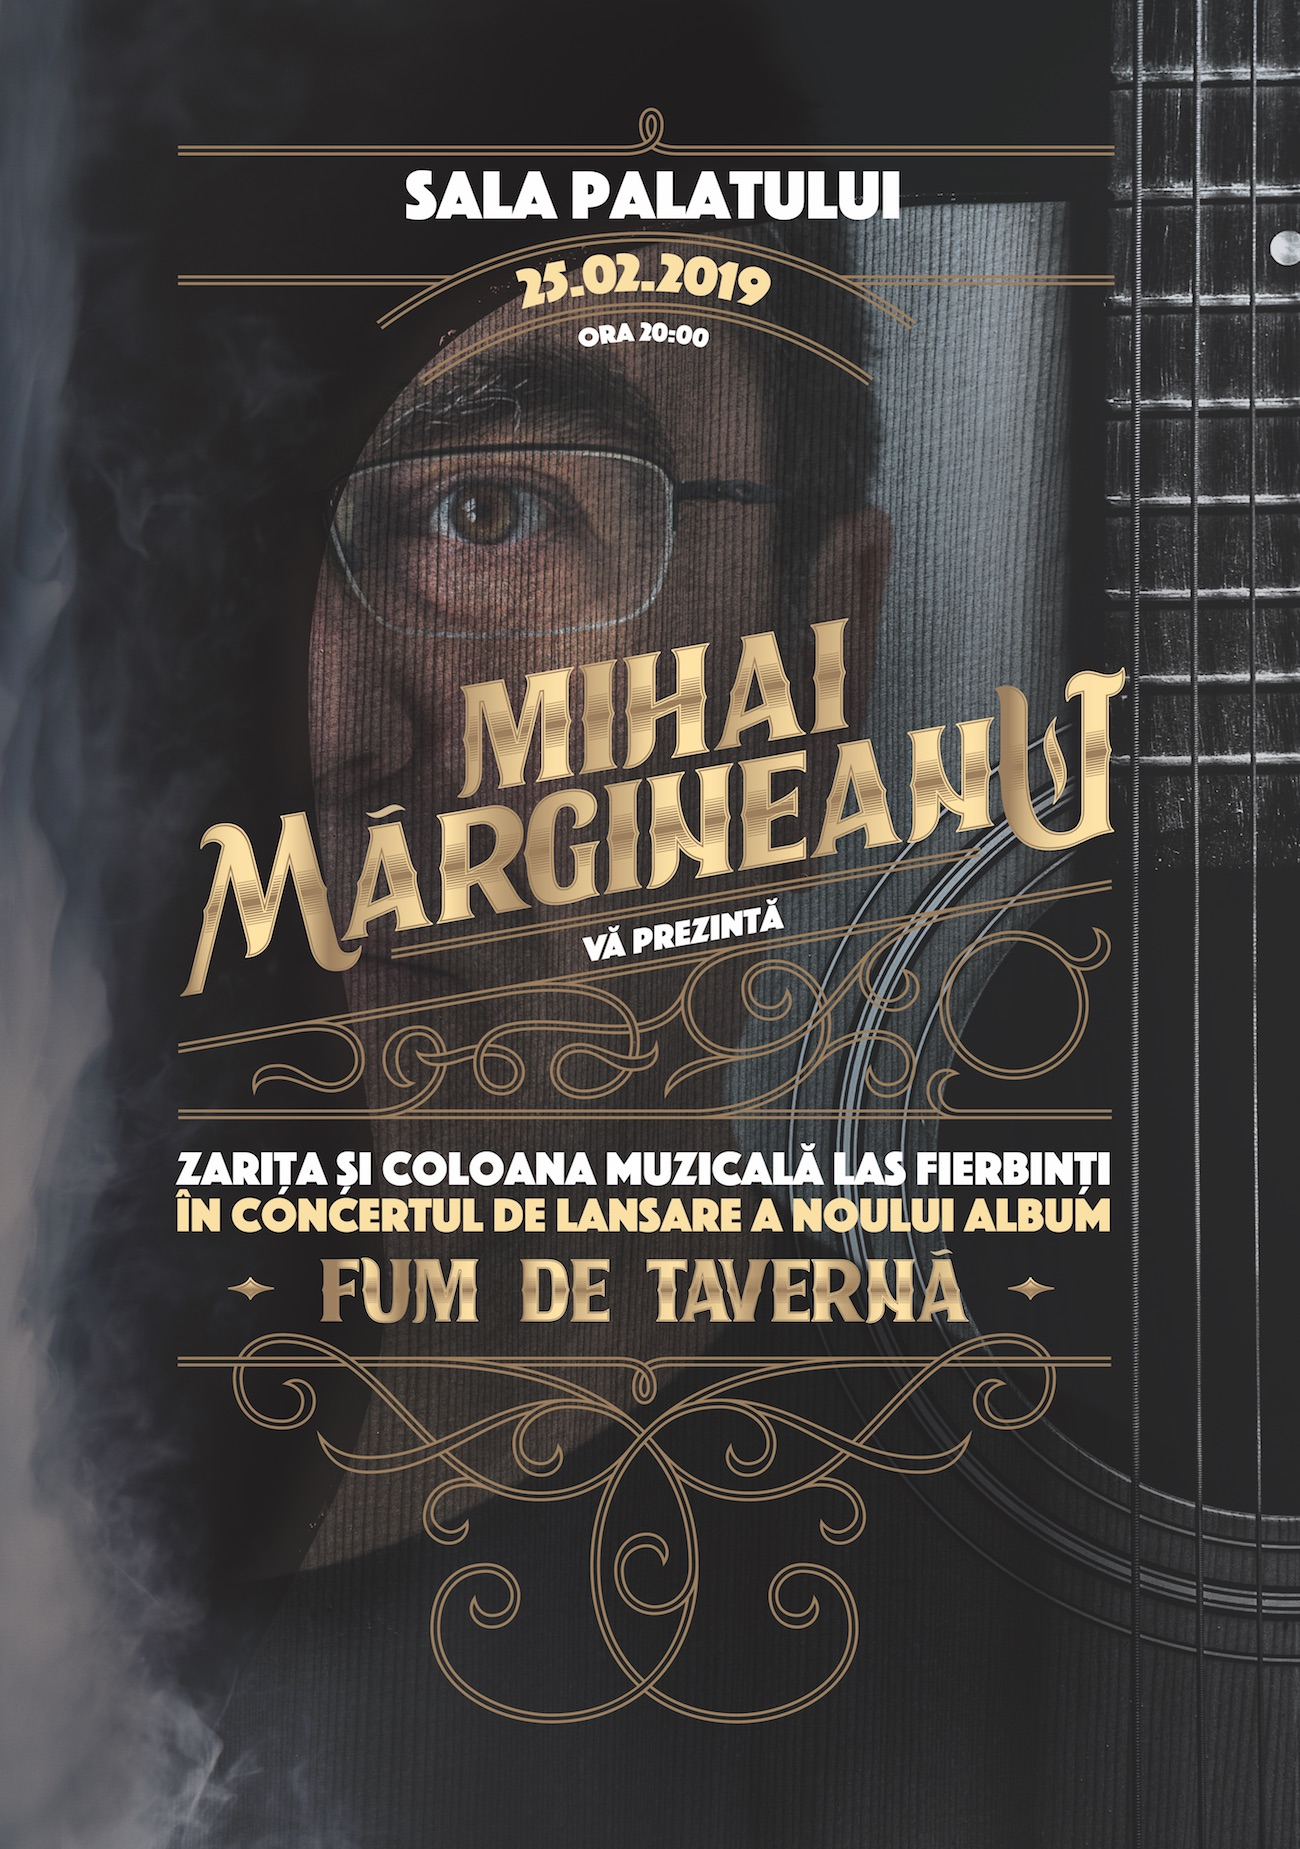 """Actorii din """"Las Fierbinti"""", alaturi de Mihai Margineanu in concert la Sala Palatului"""